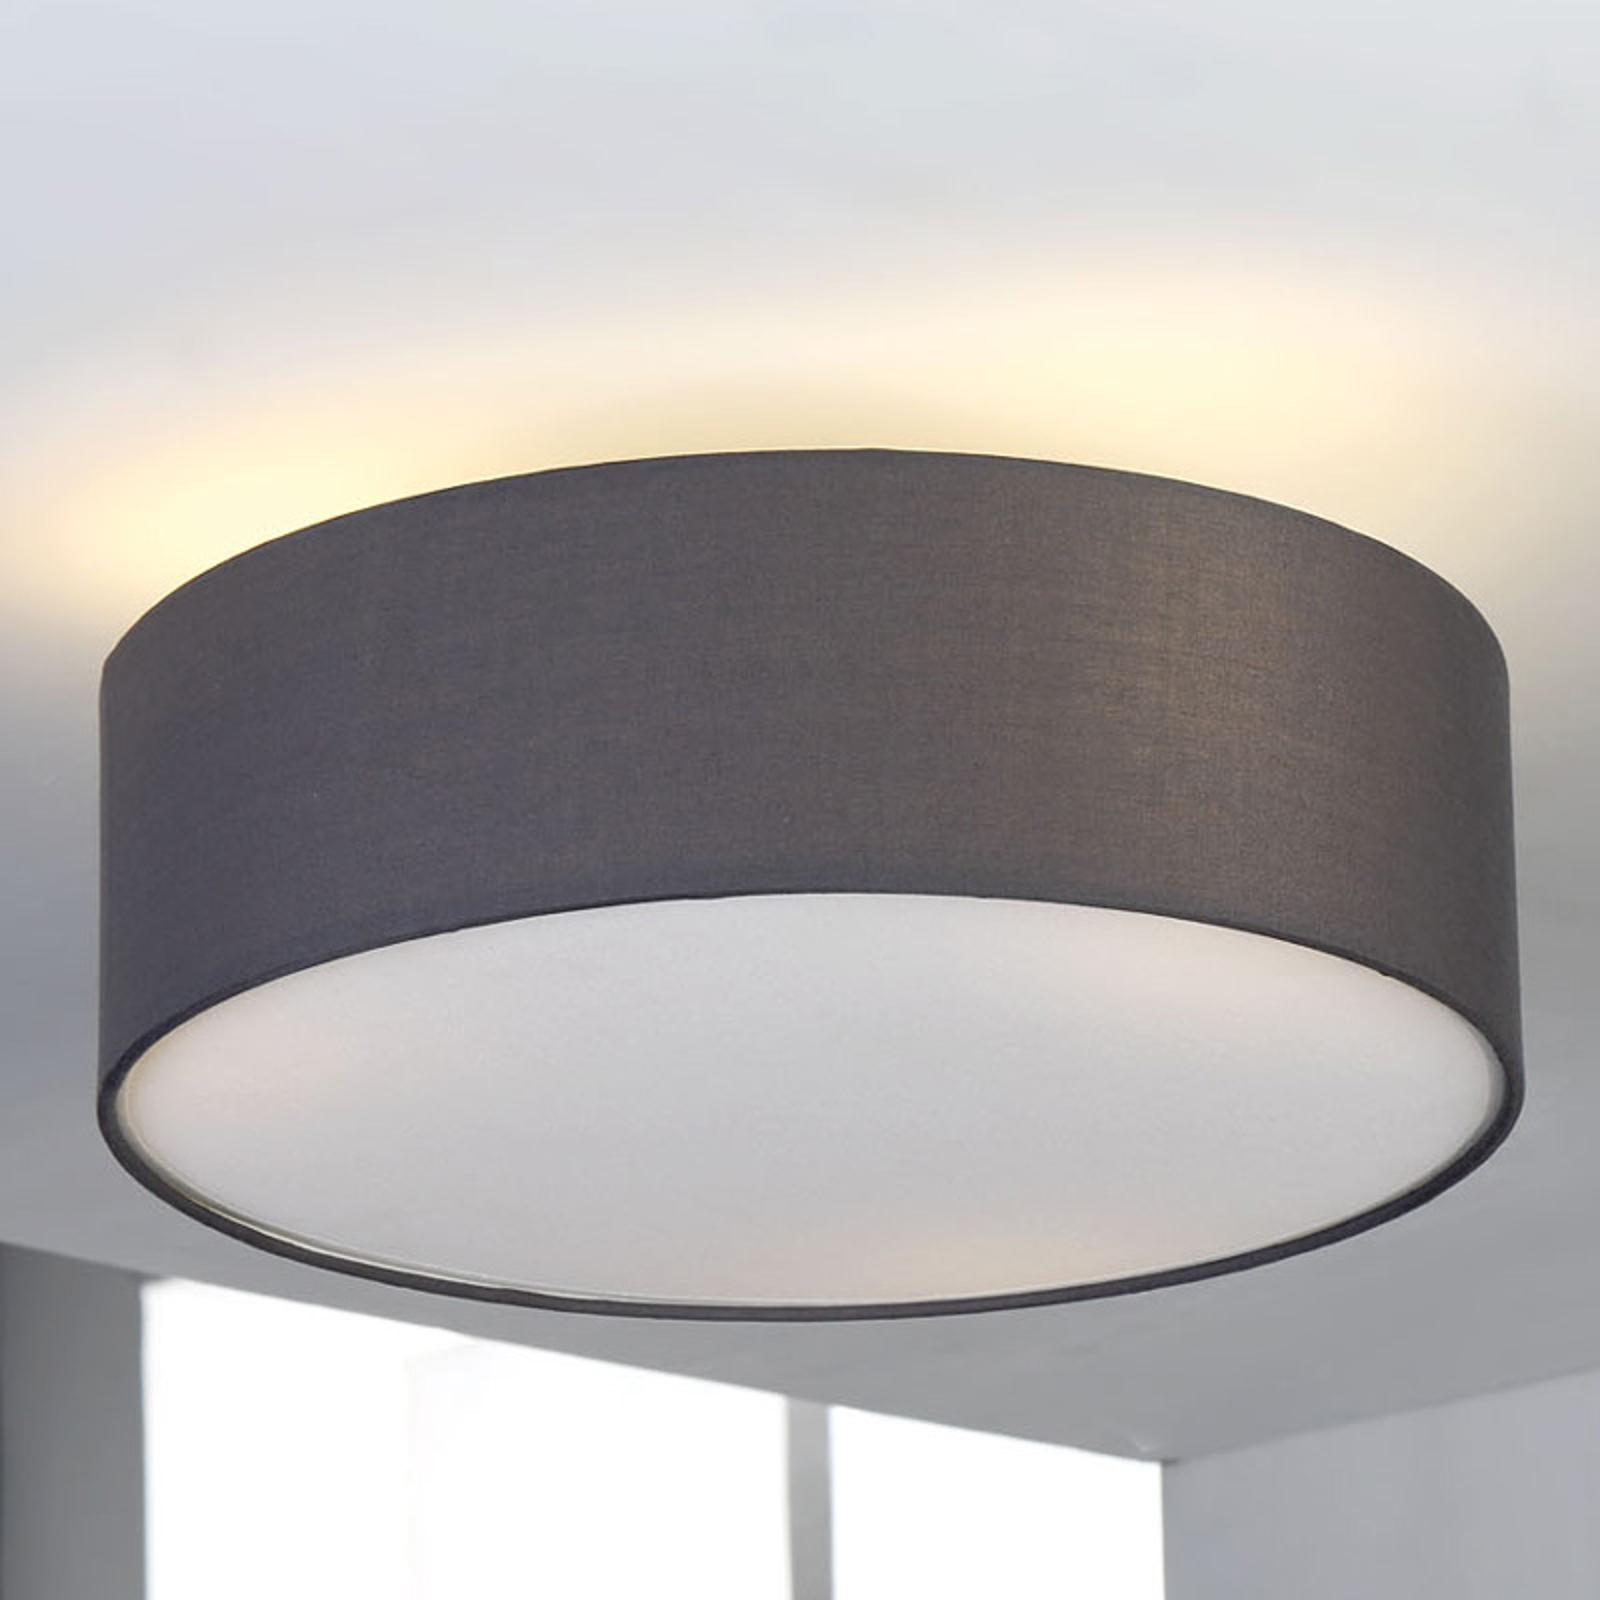 Stropní osvětlení Sebatin, 40 cm, šedé